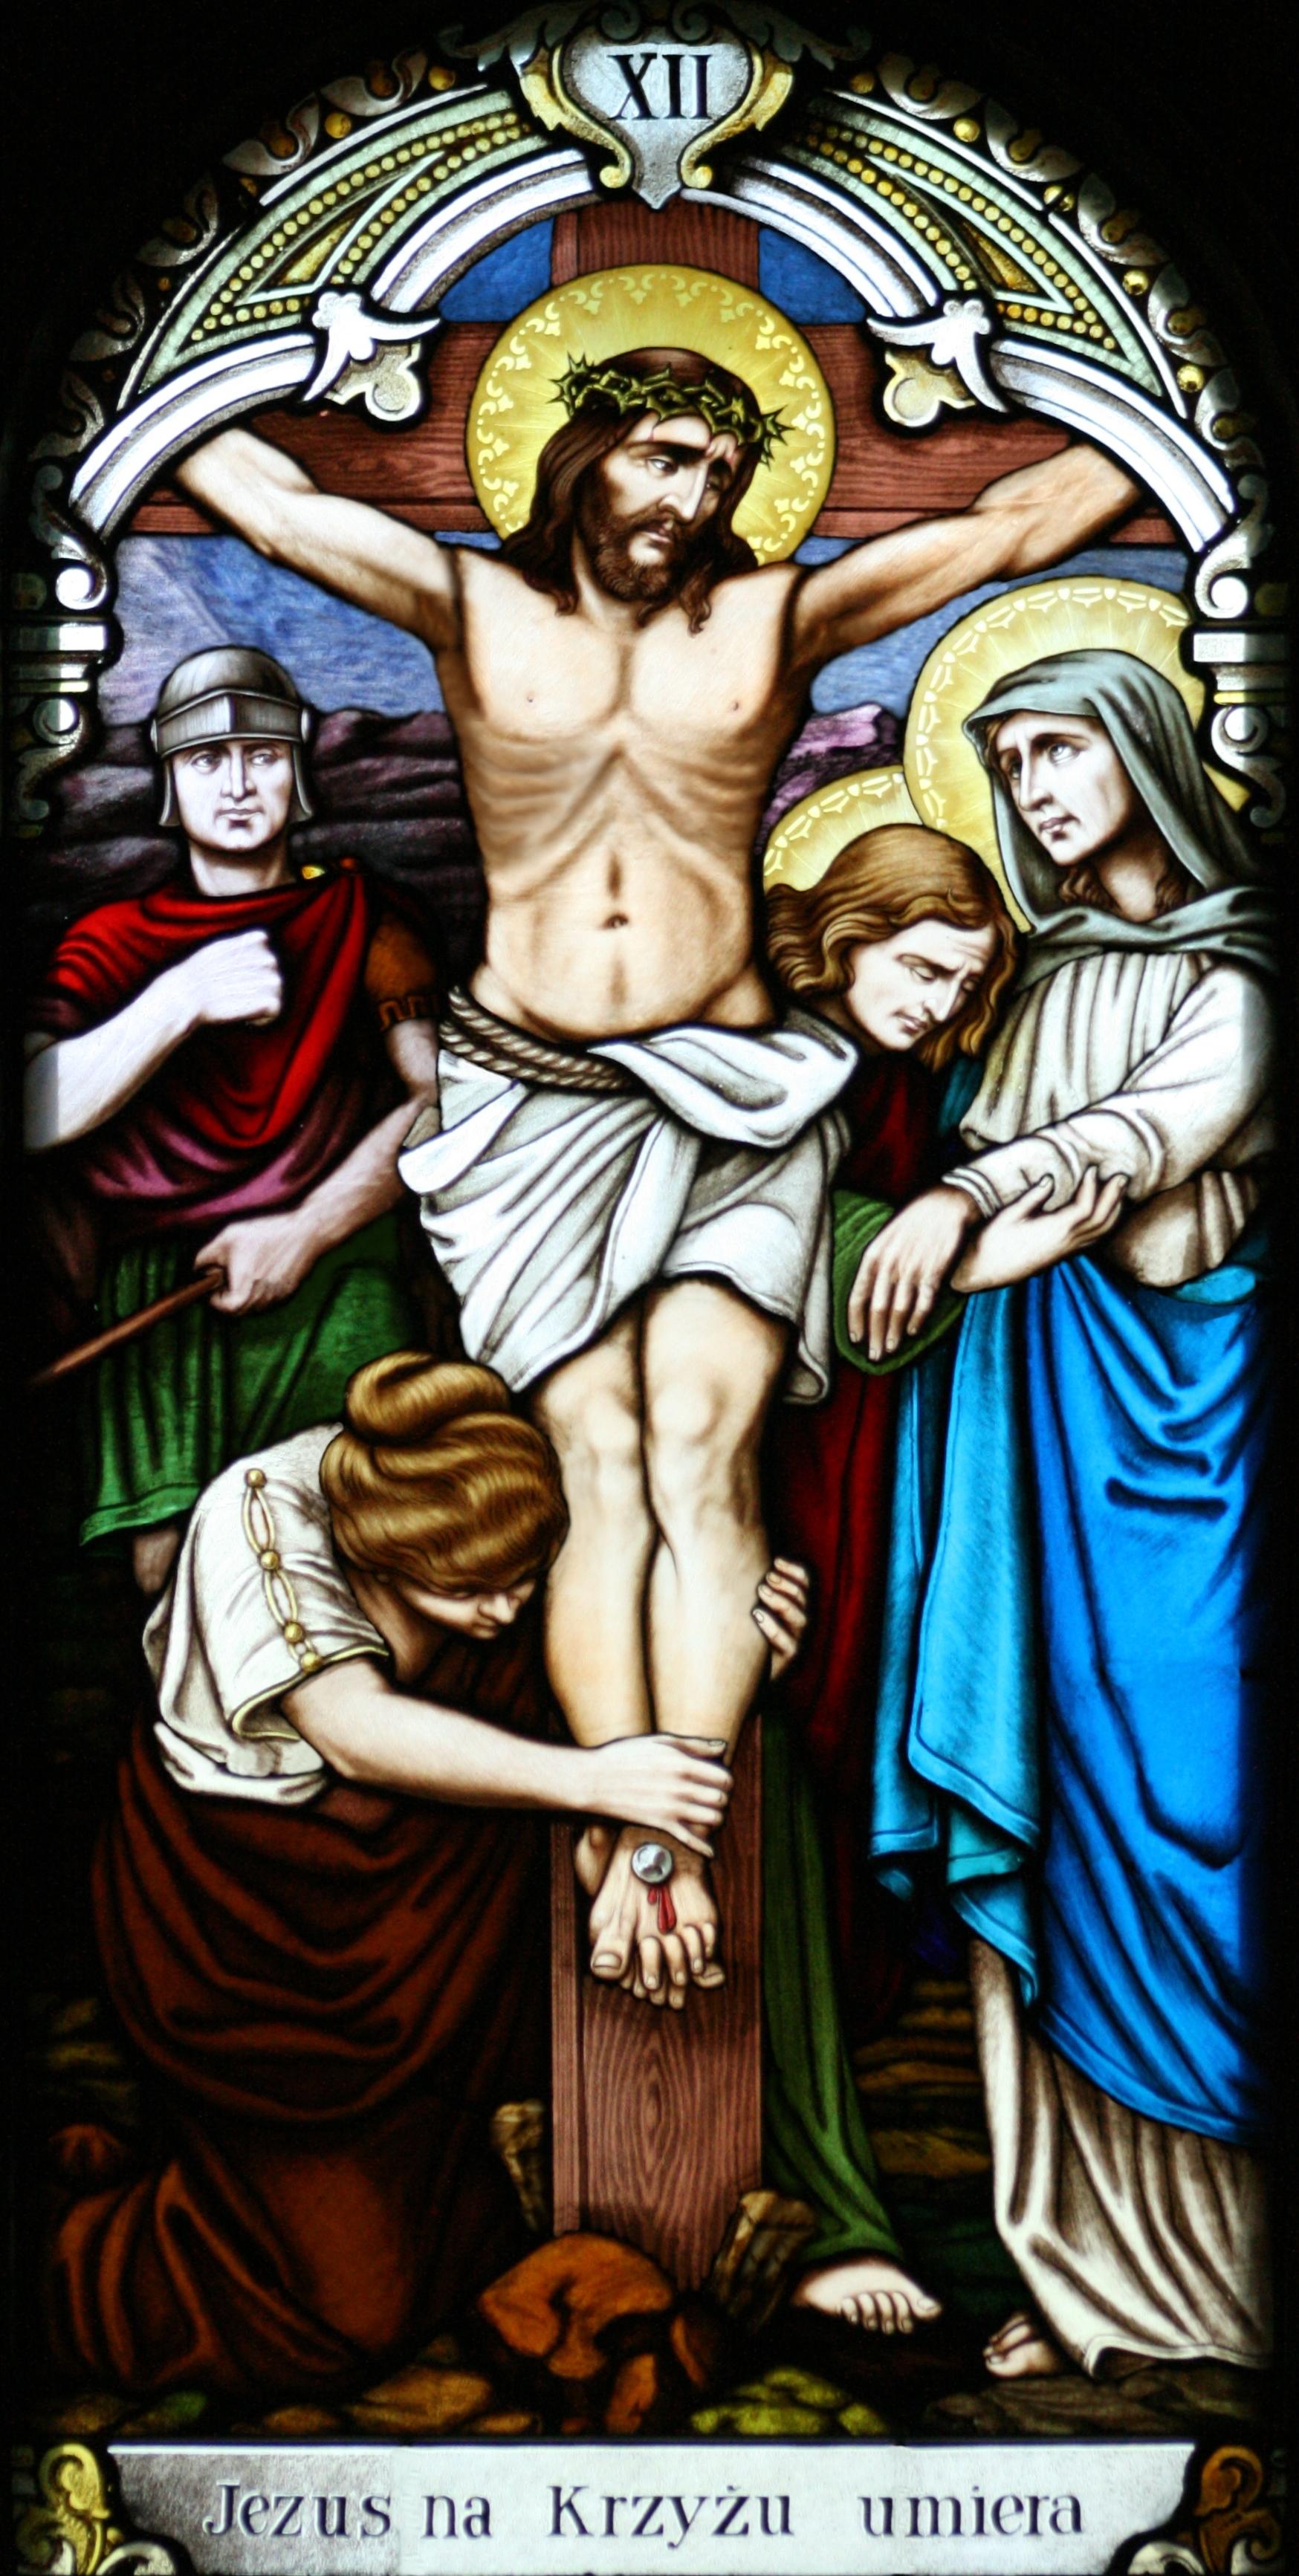 file station 12 - jesus dies on the cross jpg